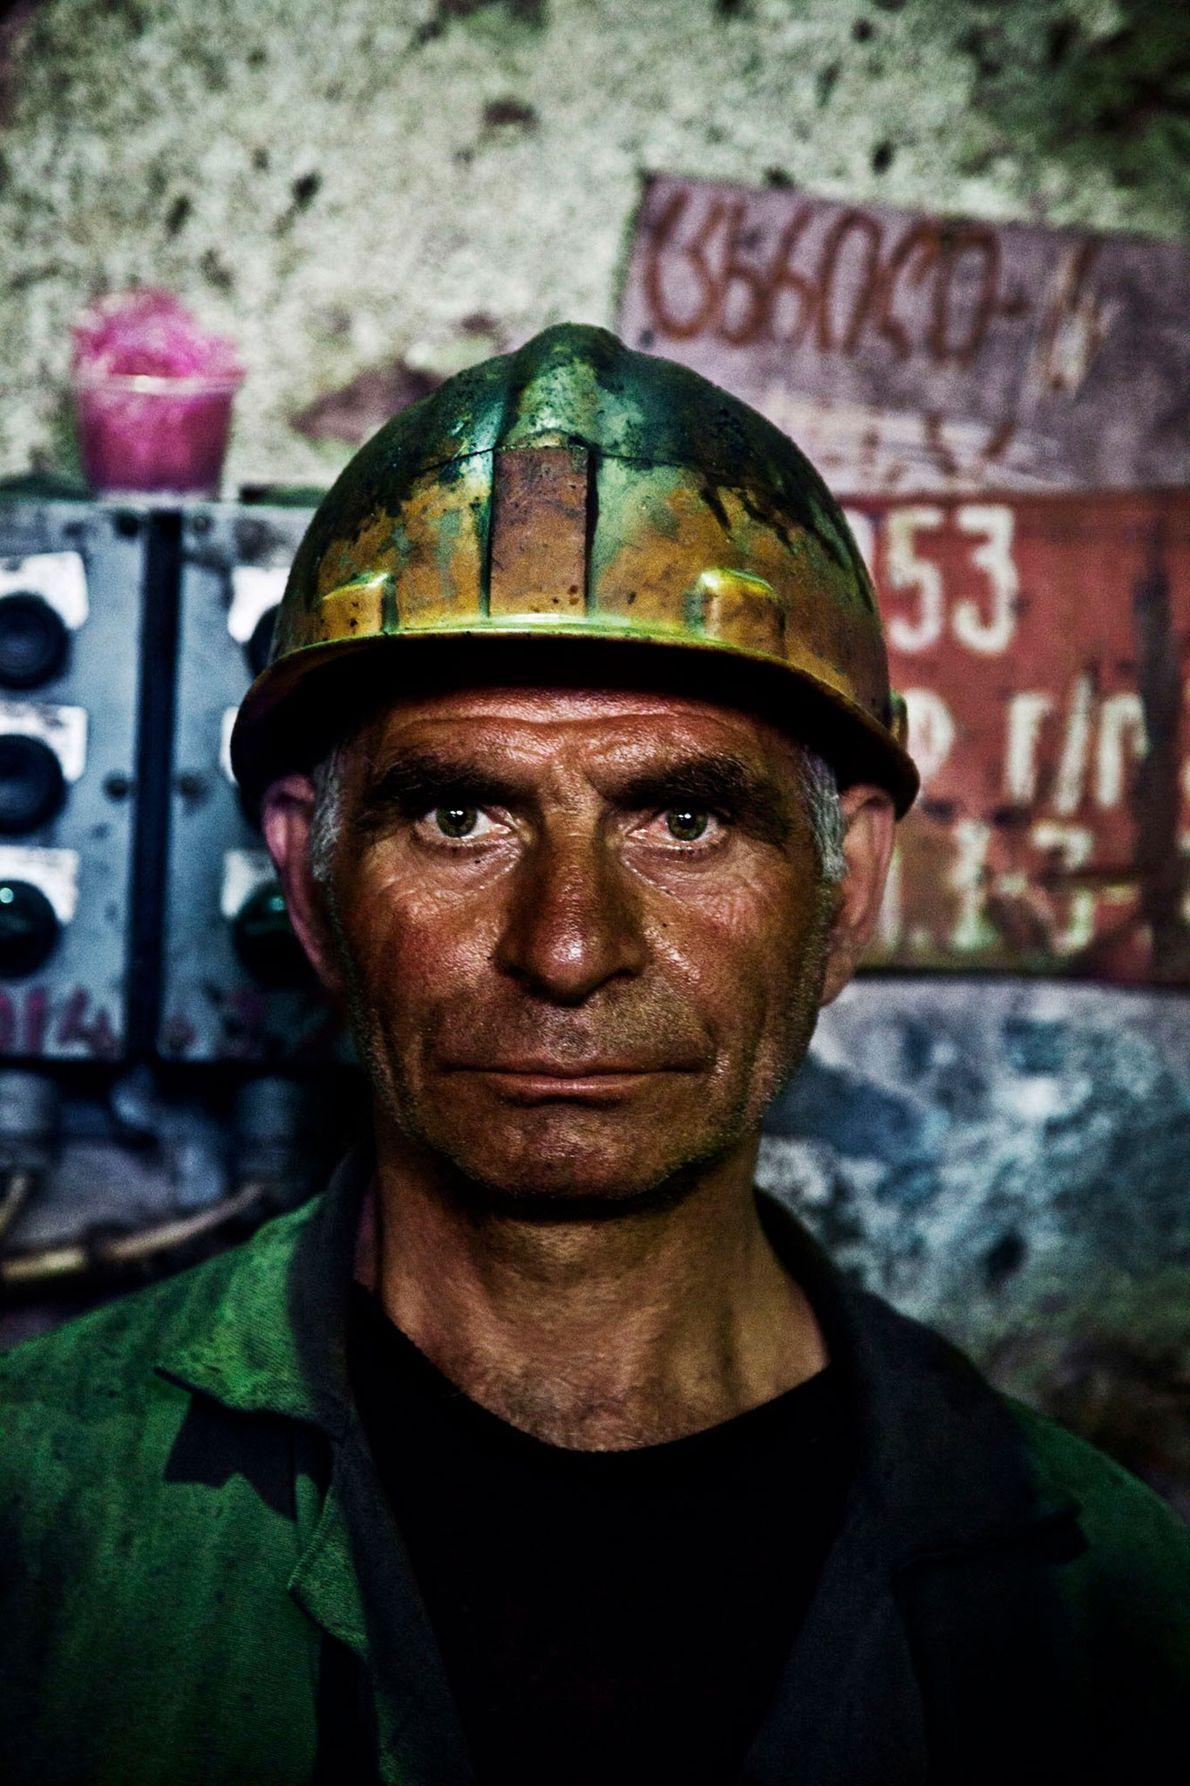 Zura trabalha nas minas em Chiatura há 18 anos